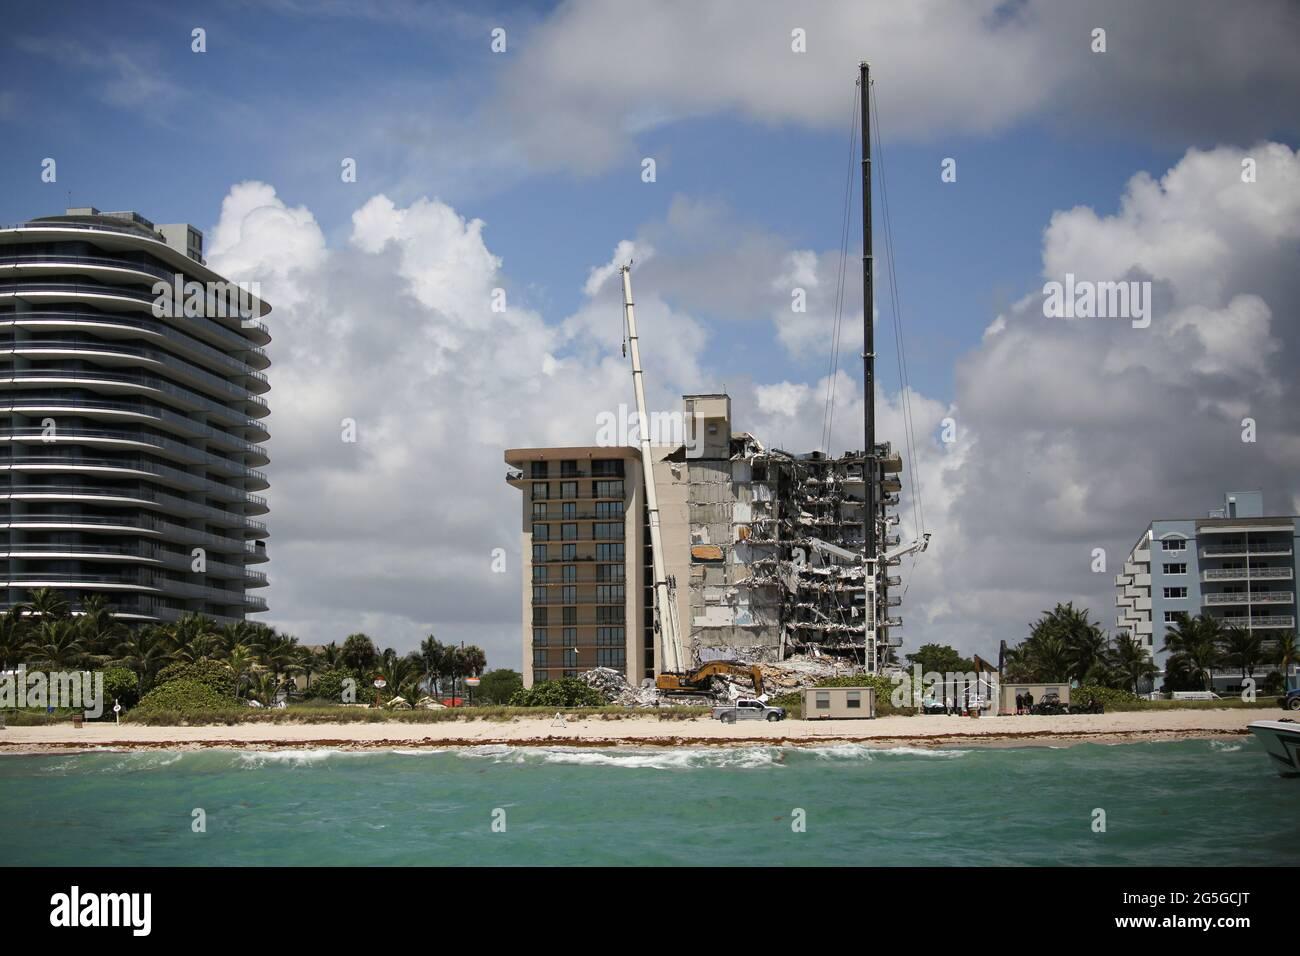 Una visione generale di un edificio residenziale parzialmente collassato mentre gli equipaggi di emergenza continuano le operazioni di ricerca e salvataggio per i sopravvissuti, a Surfside, vicino Miami Beach, Florida, USA 27 giugno, 2021. REUTERS/Marco bello Foto Stock